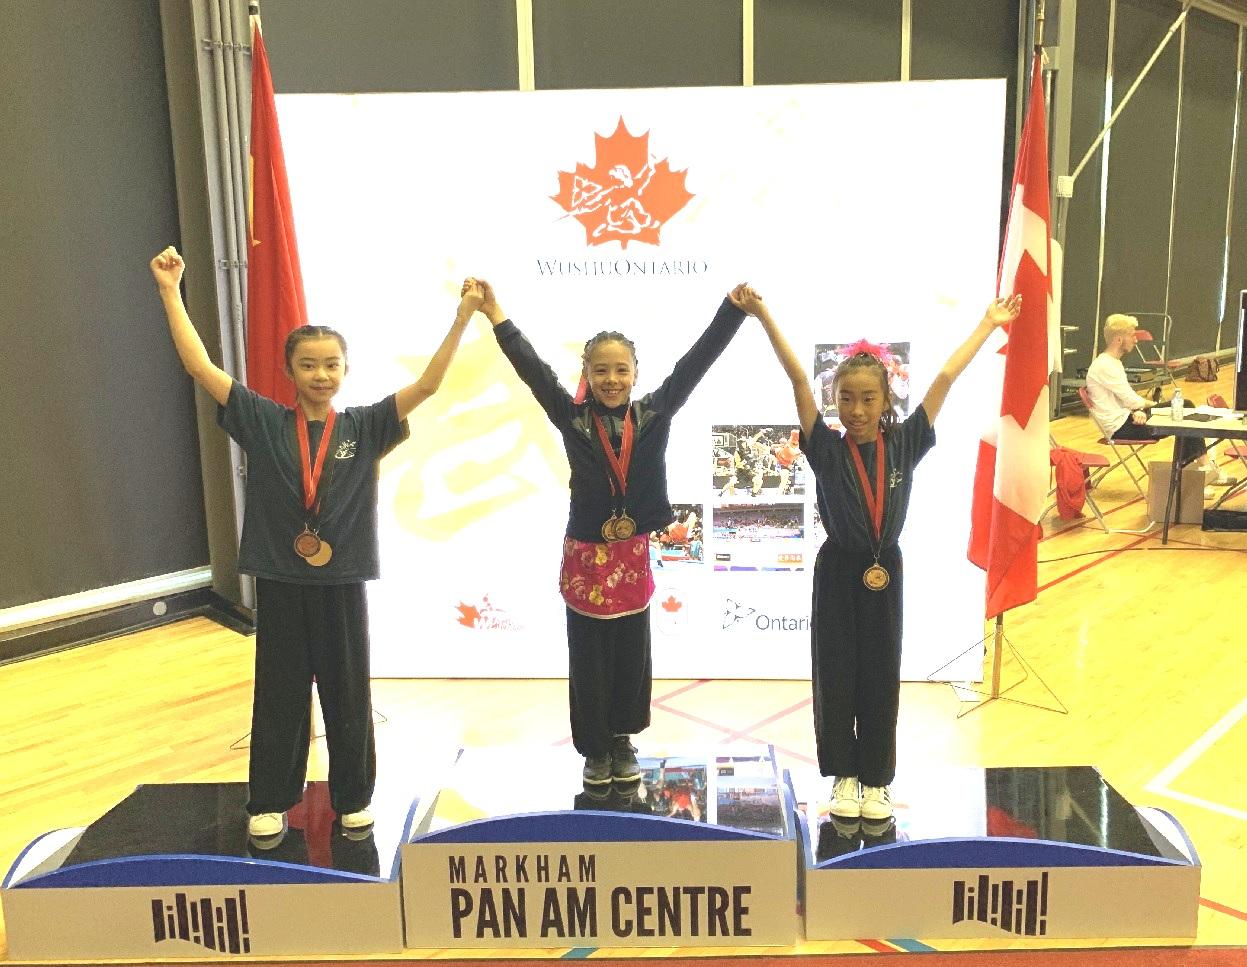 wayland-li-wushu-canadian-championships-2019-markham-21.jpg